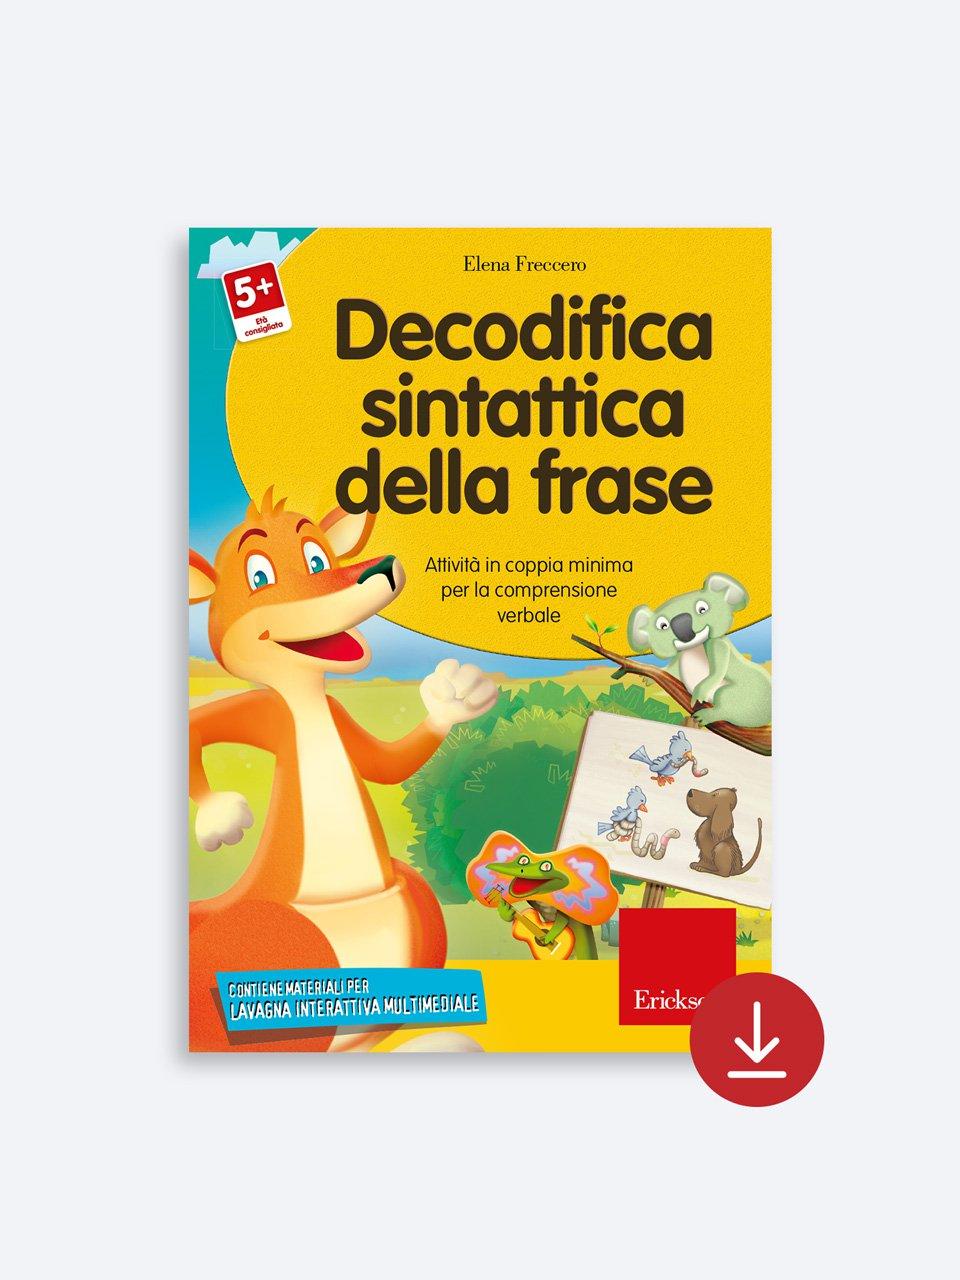 Decodifica sintattica della frase - Schede per Tablotto (6-8 anni) - I mostri dell'ort - Giochi - Erickson 2